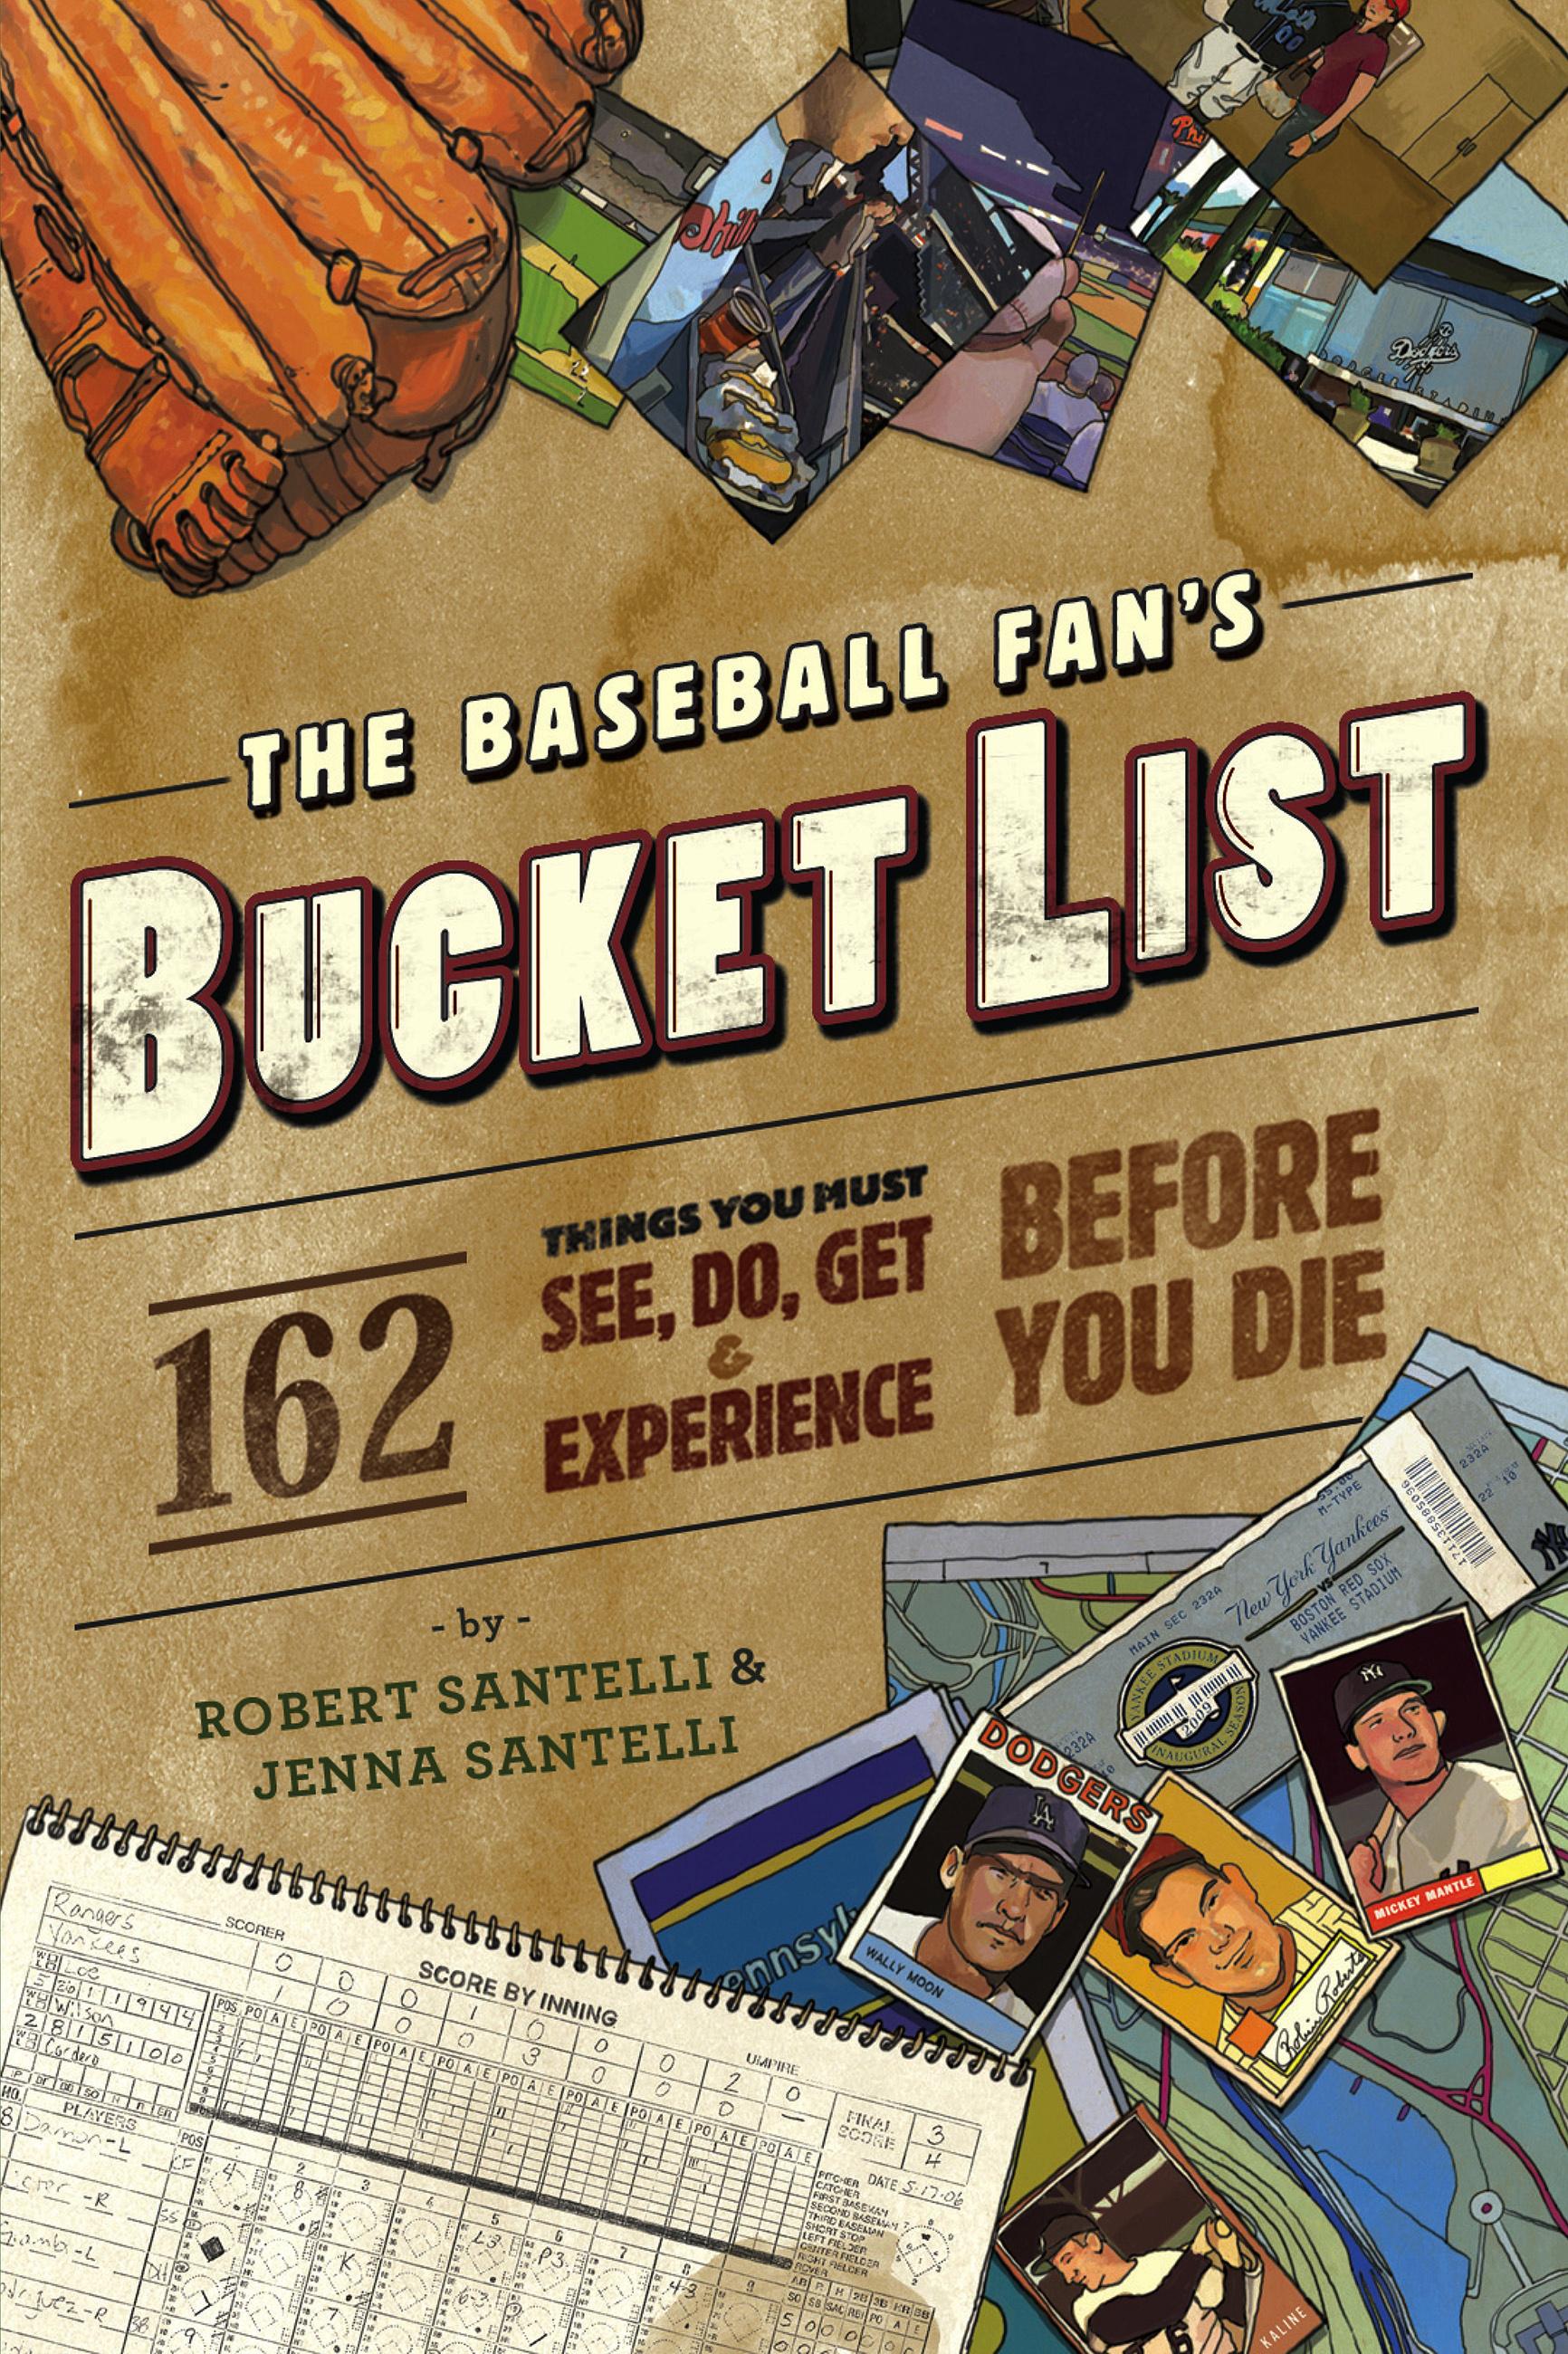 The Baseball Fan's Bucket List by Robert Santelli ...